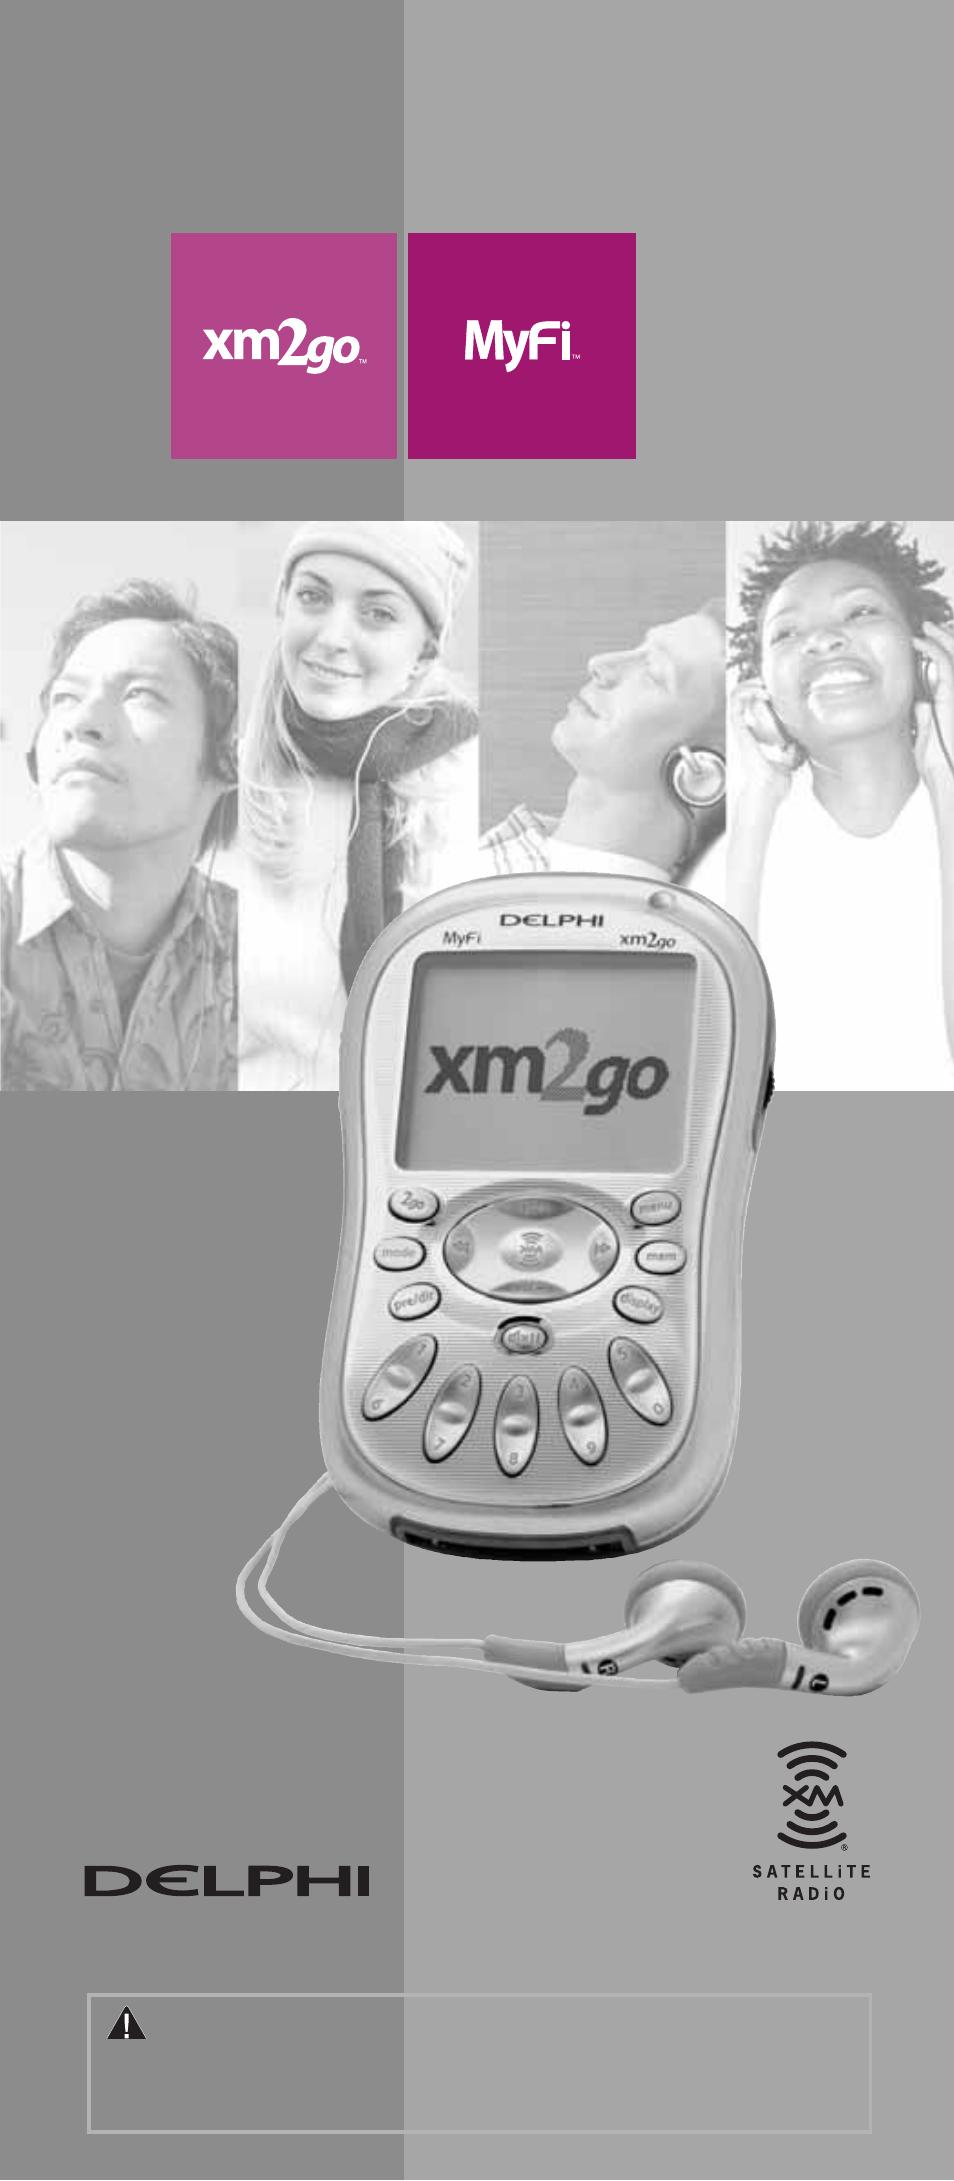 delphi xm2go sa10113 user manual 10 pages rh manualsdir com Delphi XM Radio Accessories delphi xm2go user manual